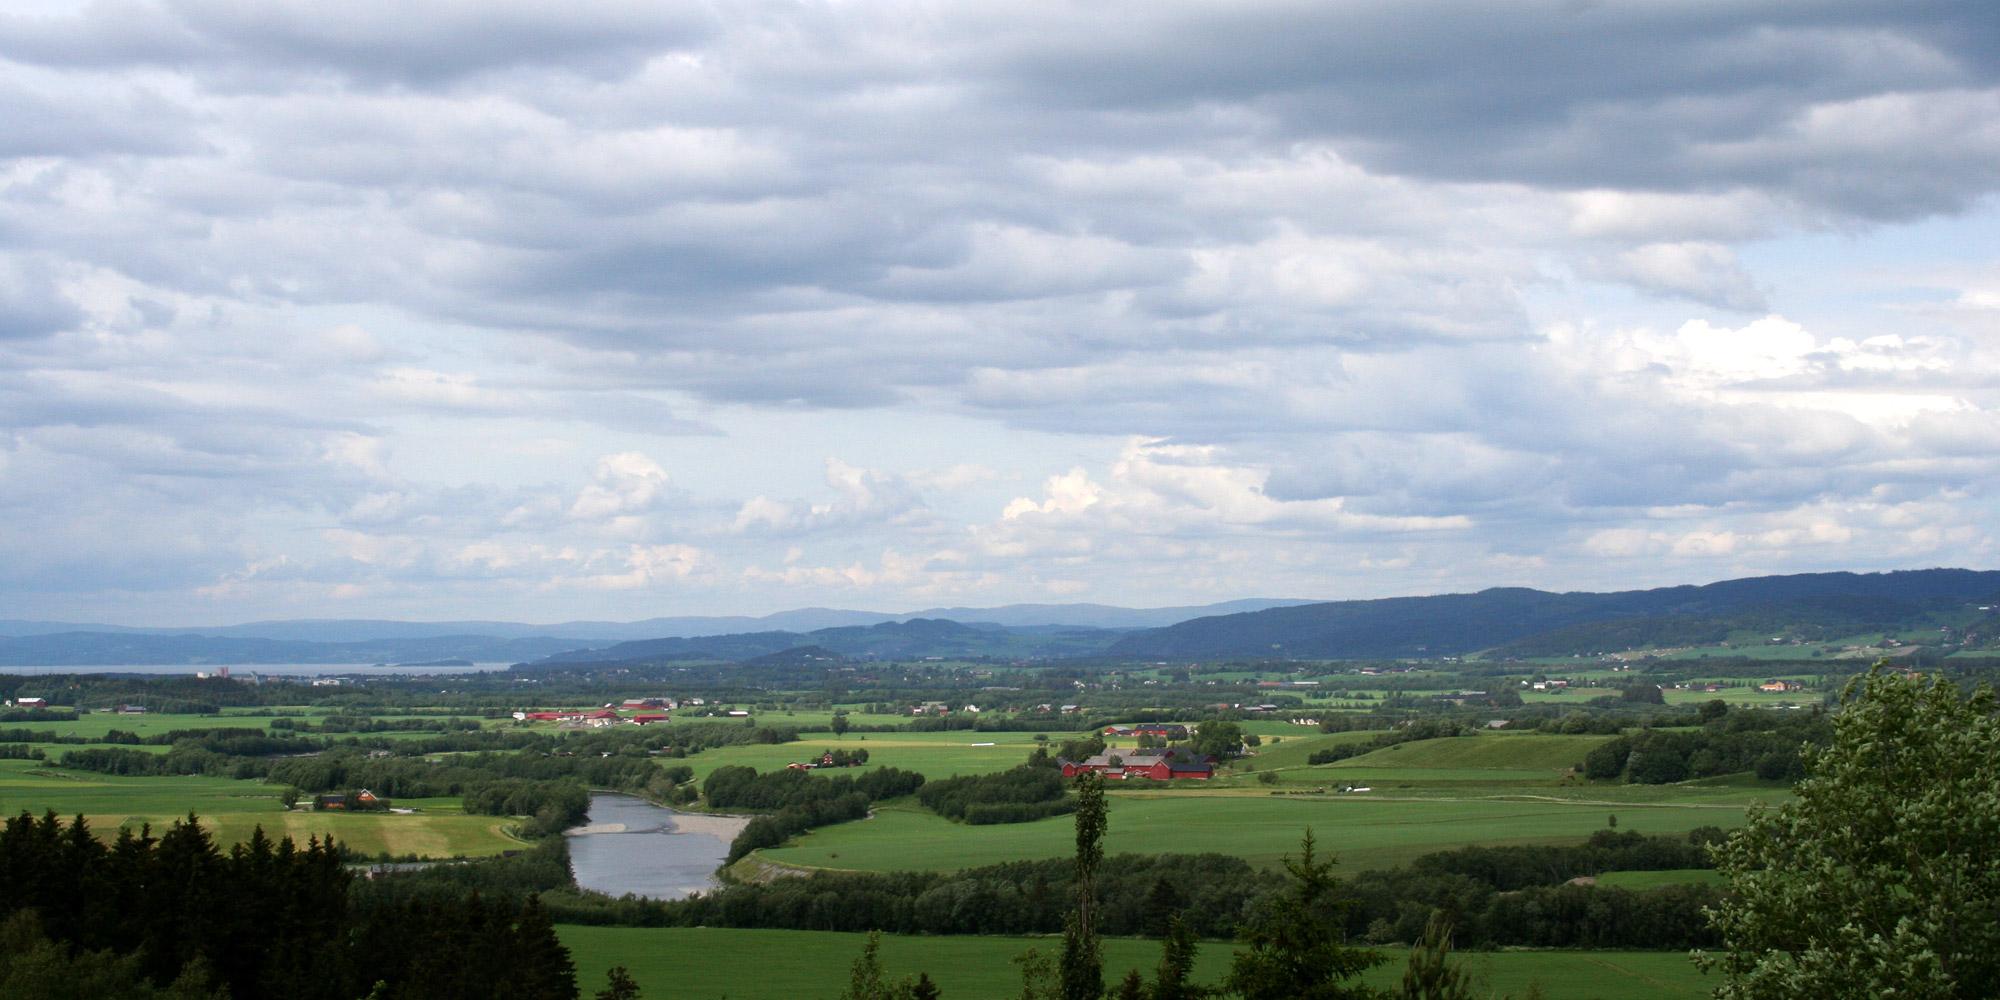 verdal-sykkel-ved-minnesmerke-for-verdalsraset-tror-jeg-visit-innherred(53)2x1. Copyright: Visit Innherred